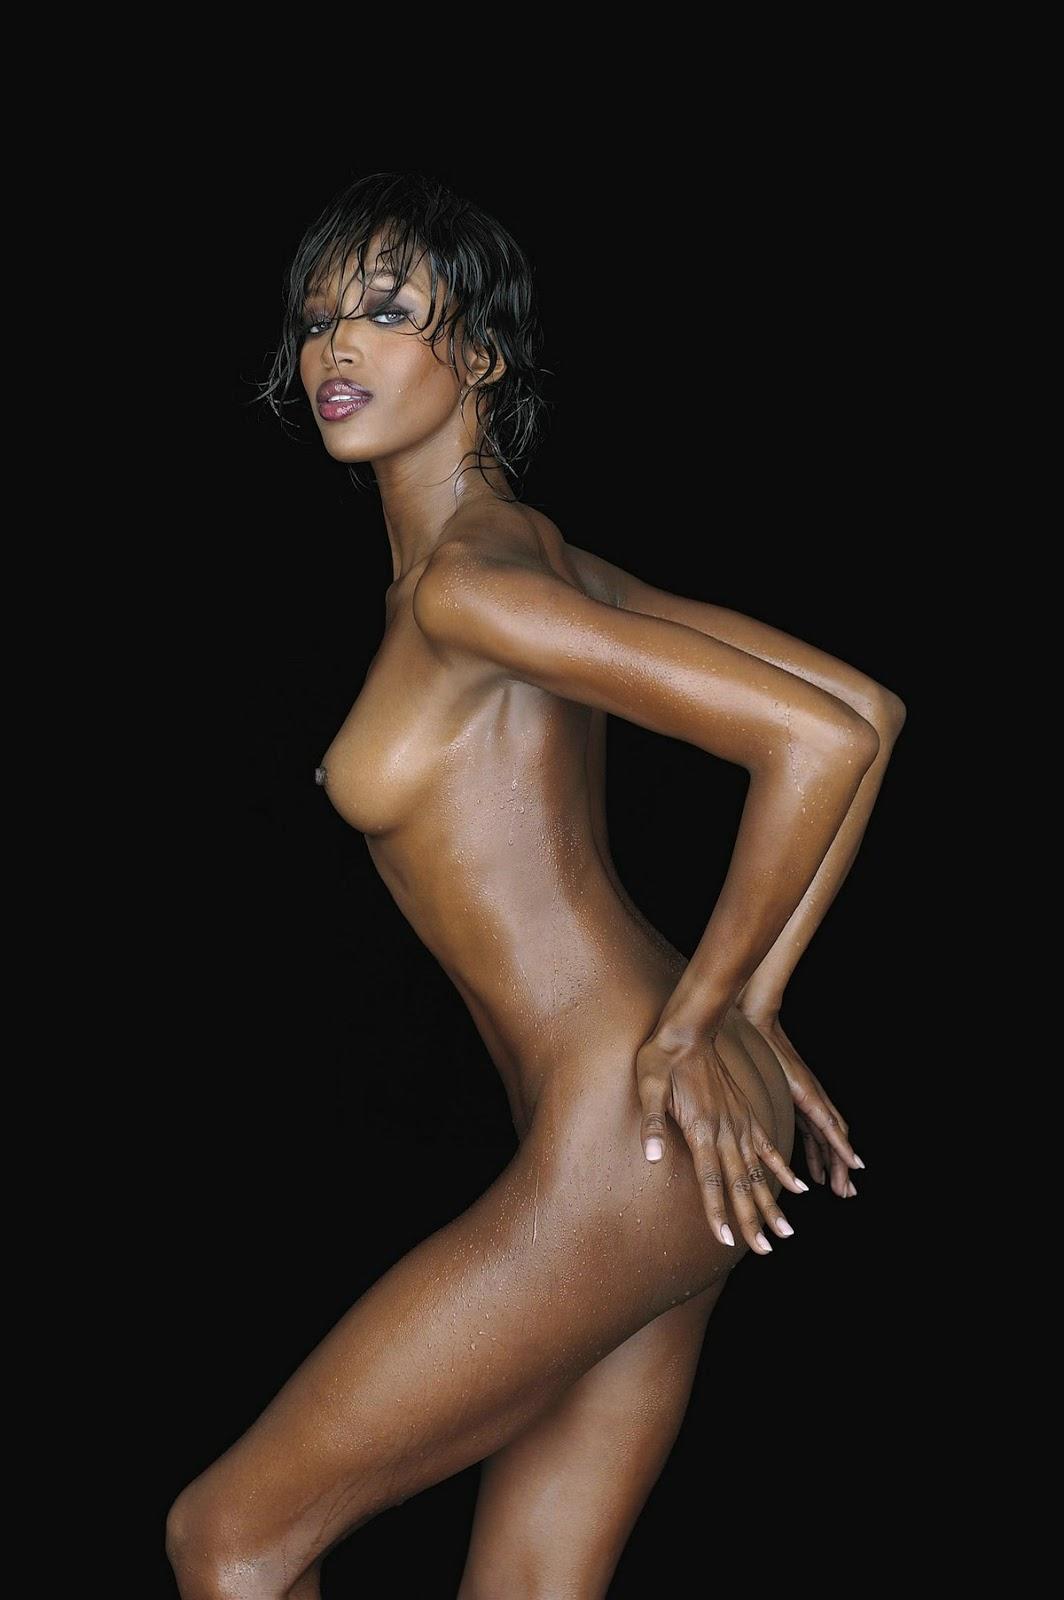 Naomi knight naked pics sex pics